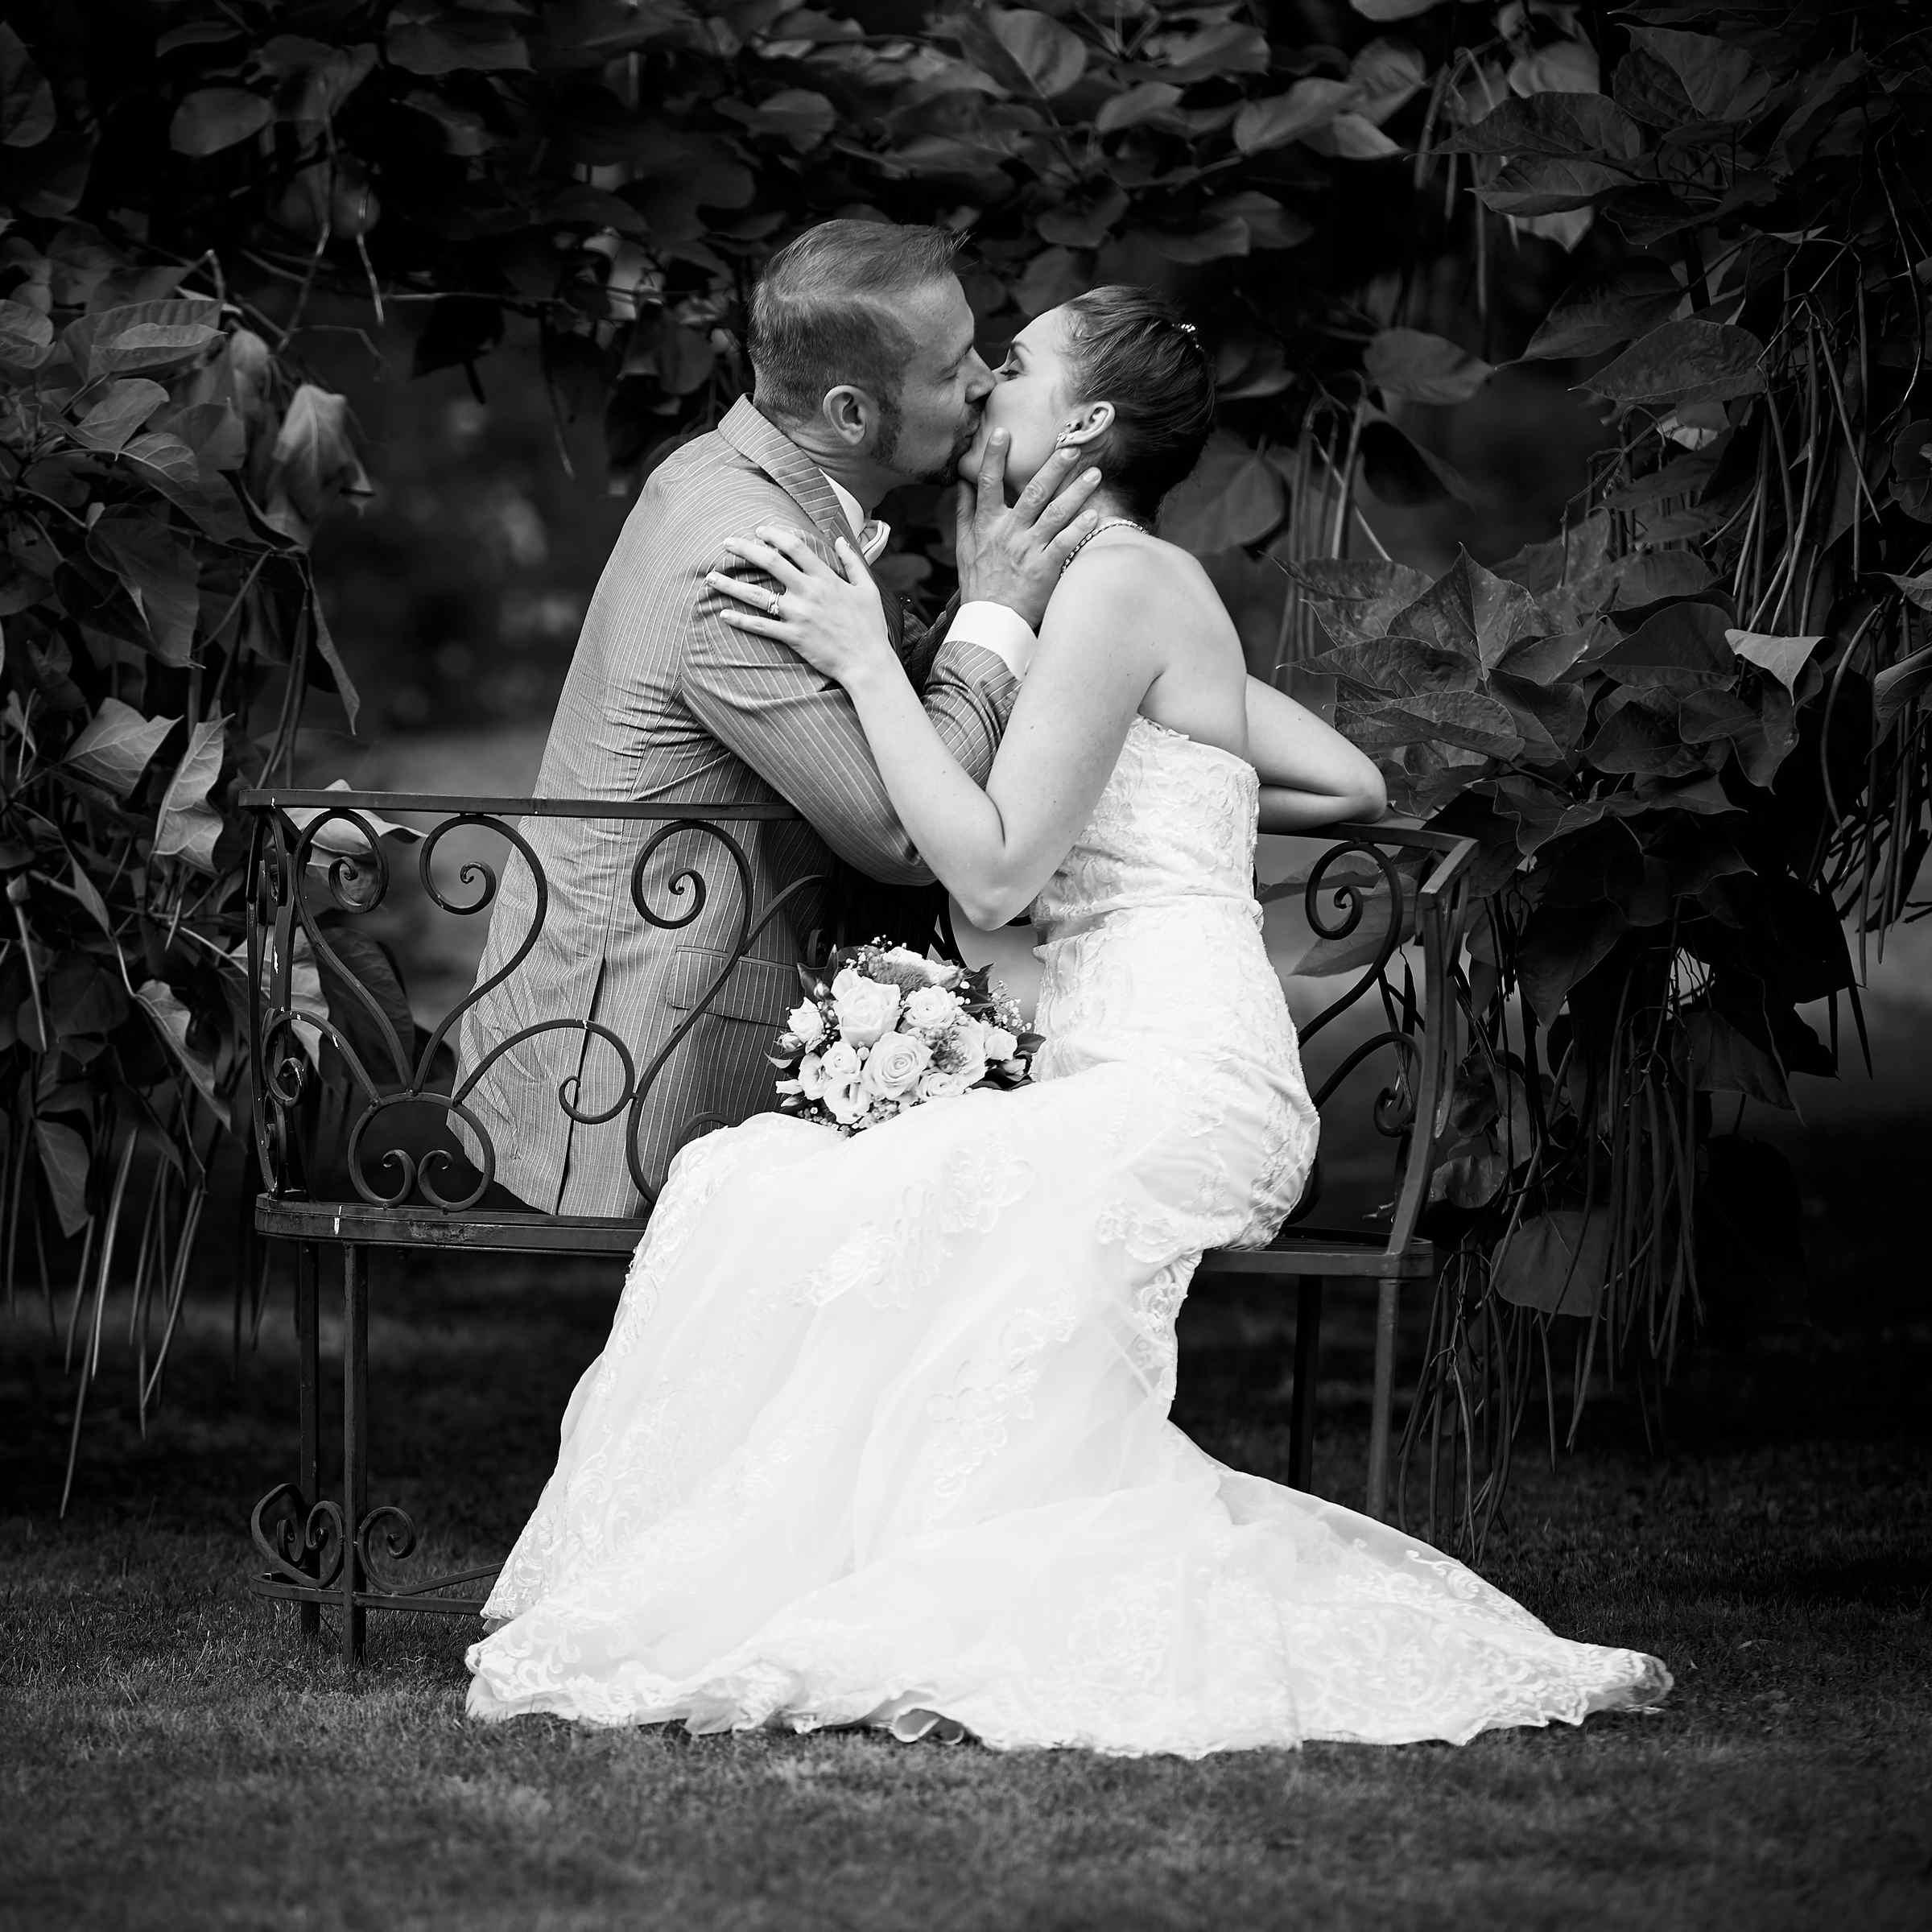 Schwarz Weiß Fotografie eines küssenden Brautpaares im Garten am Weinromantikhotel Richtershof